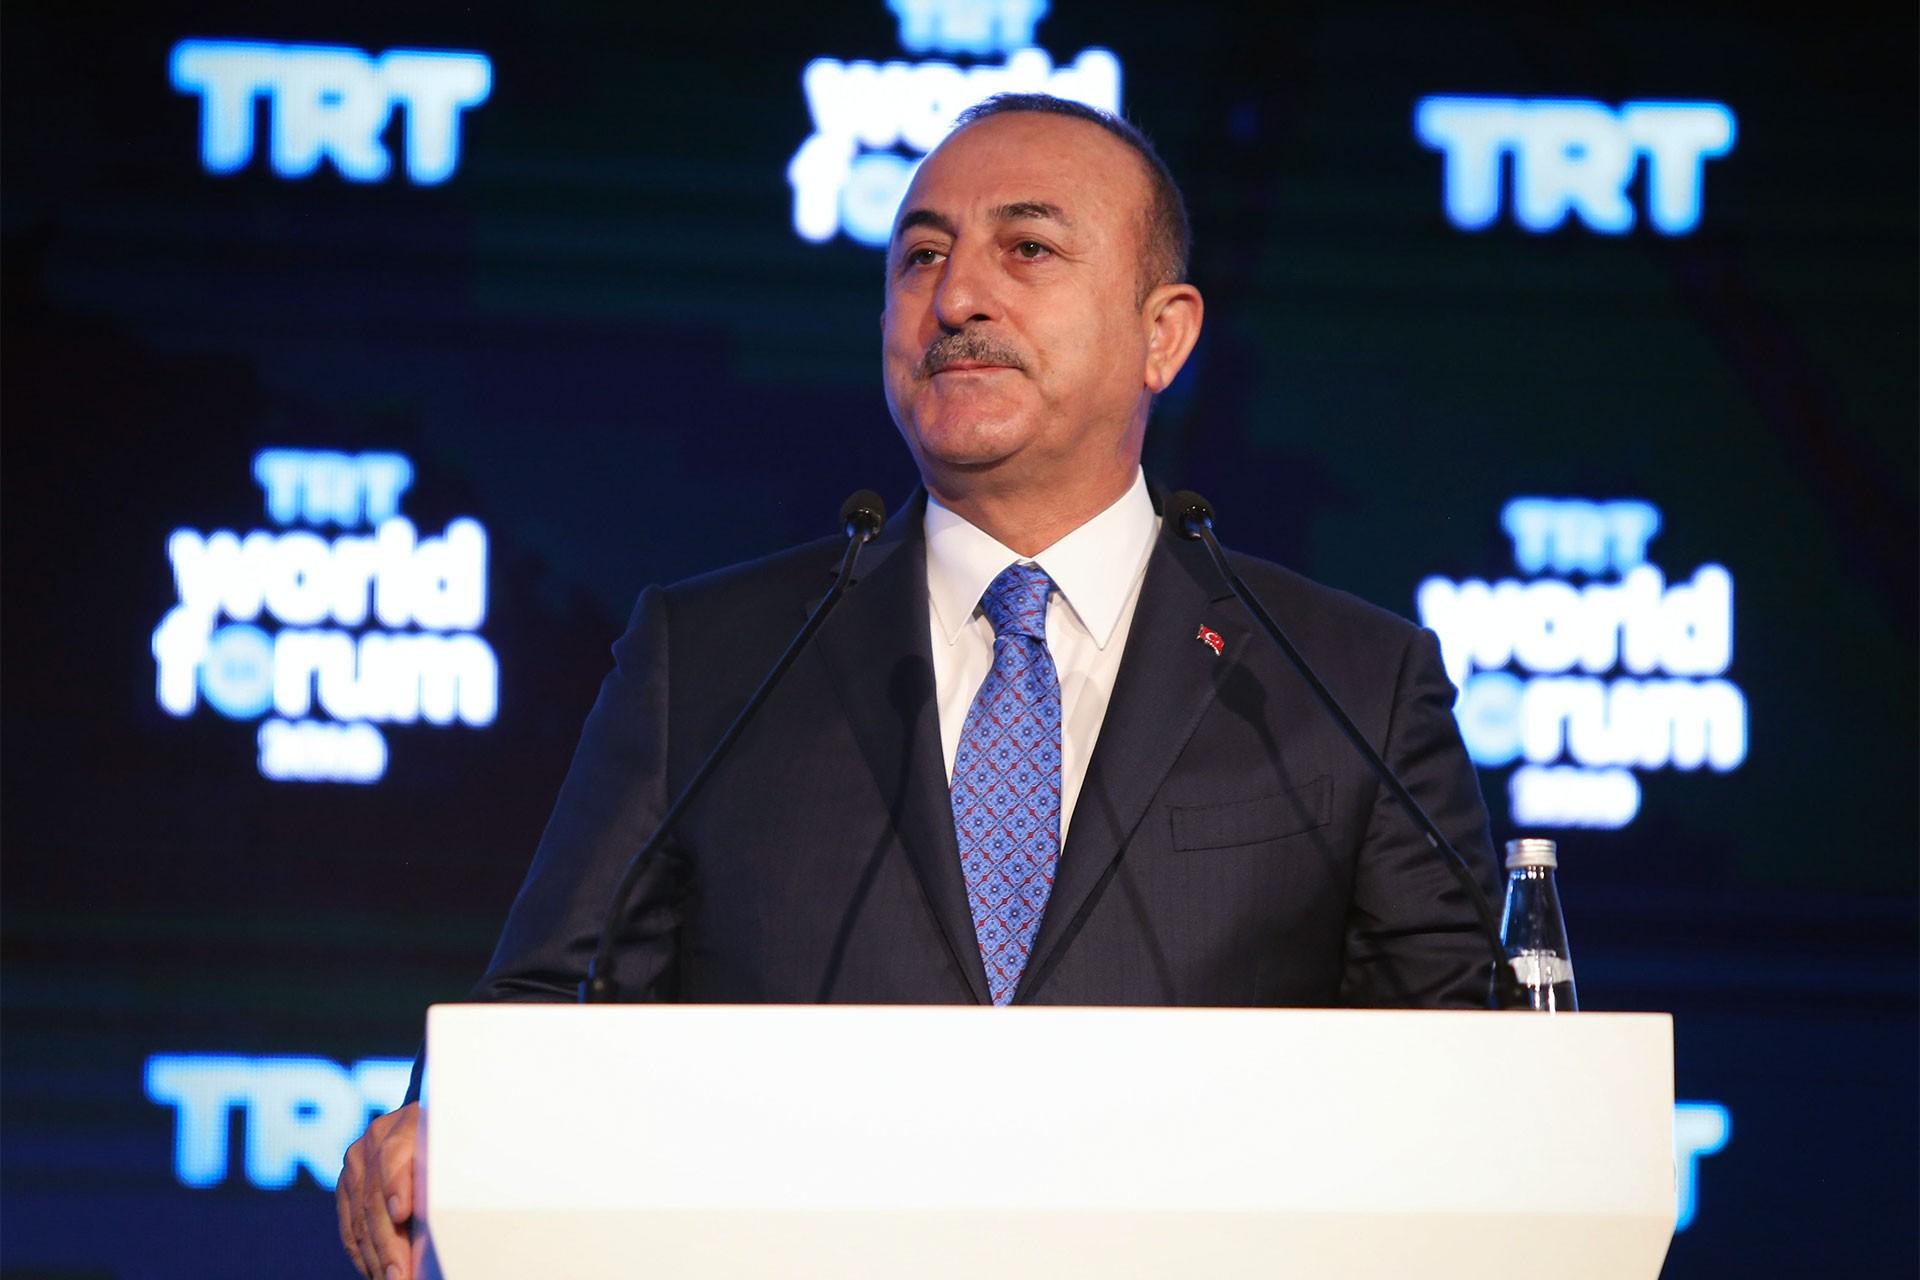 """Dışişleri Bakanı Çavuşoğlu """"Askeri çözüm yok"""" dedi, operasyonu gerekçelendirdi"""